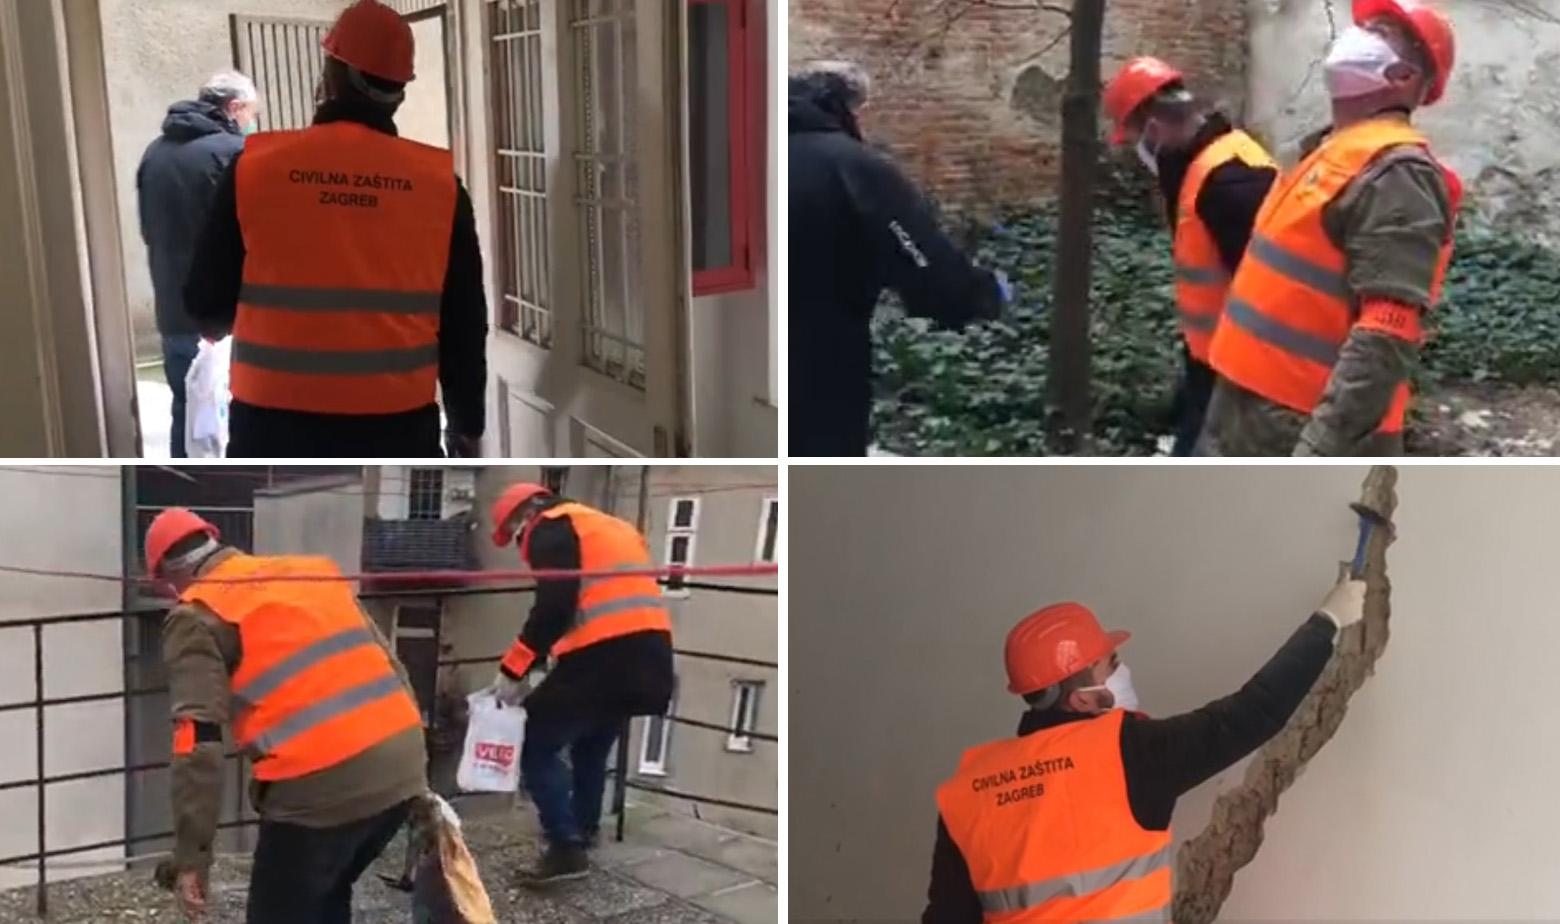 Statičari provjeravaju zgrade nakon potresa u Zagrebu